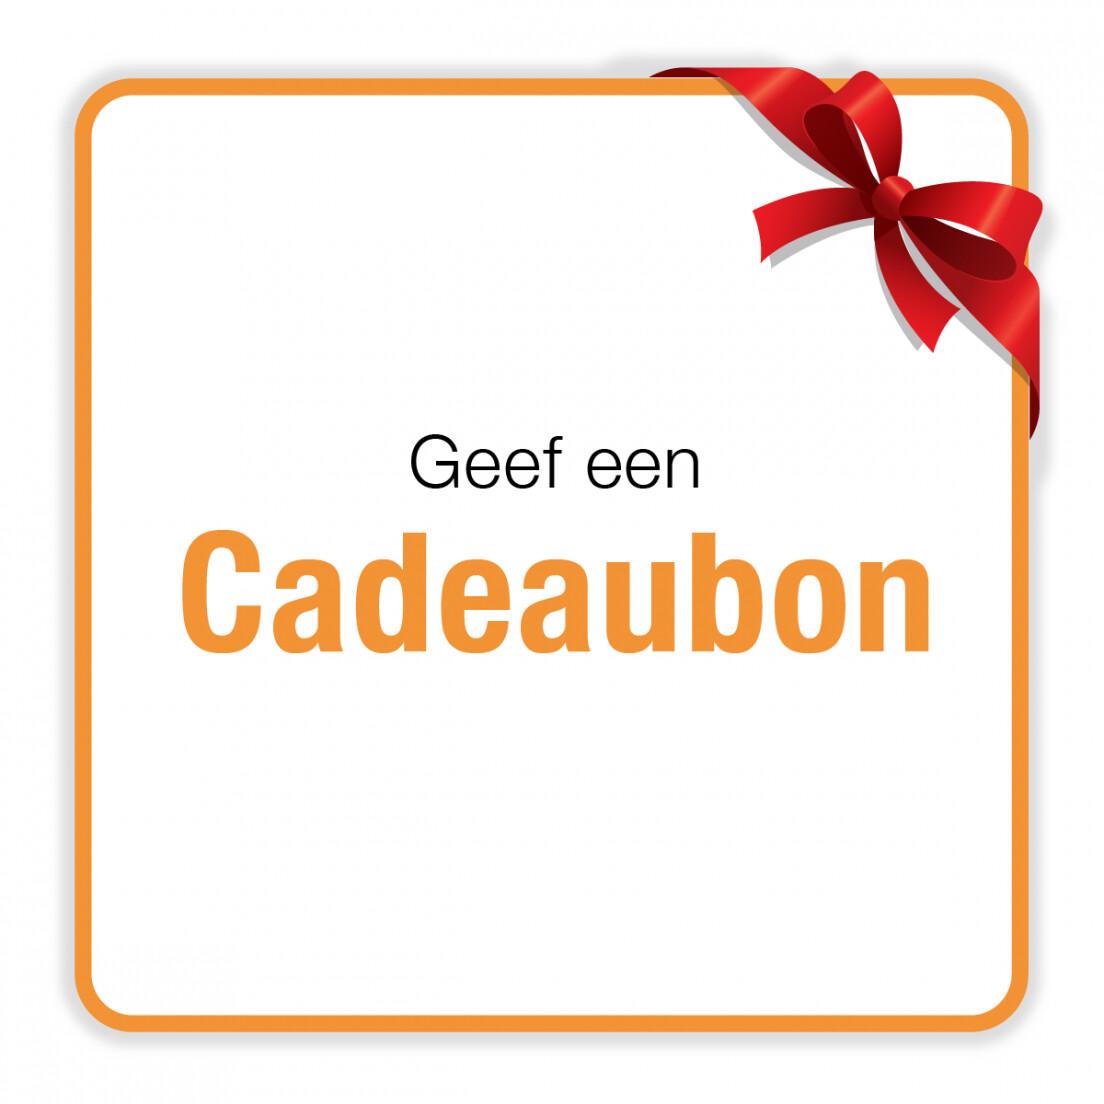 CADEAU-BON HondenSUP les of Workshop